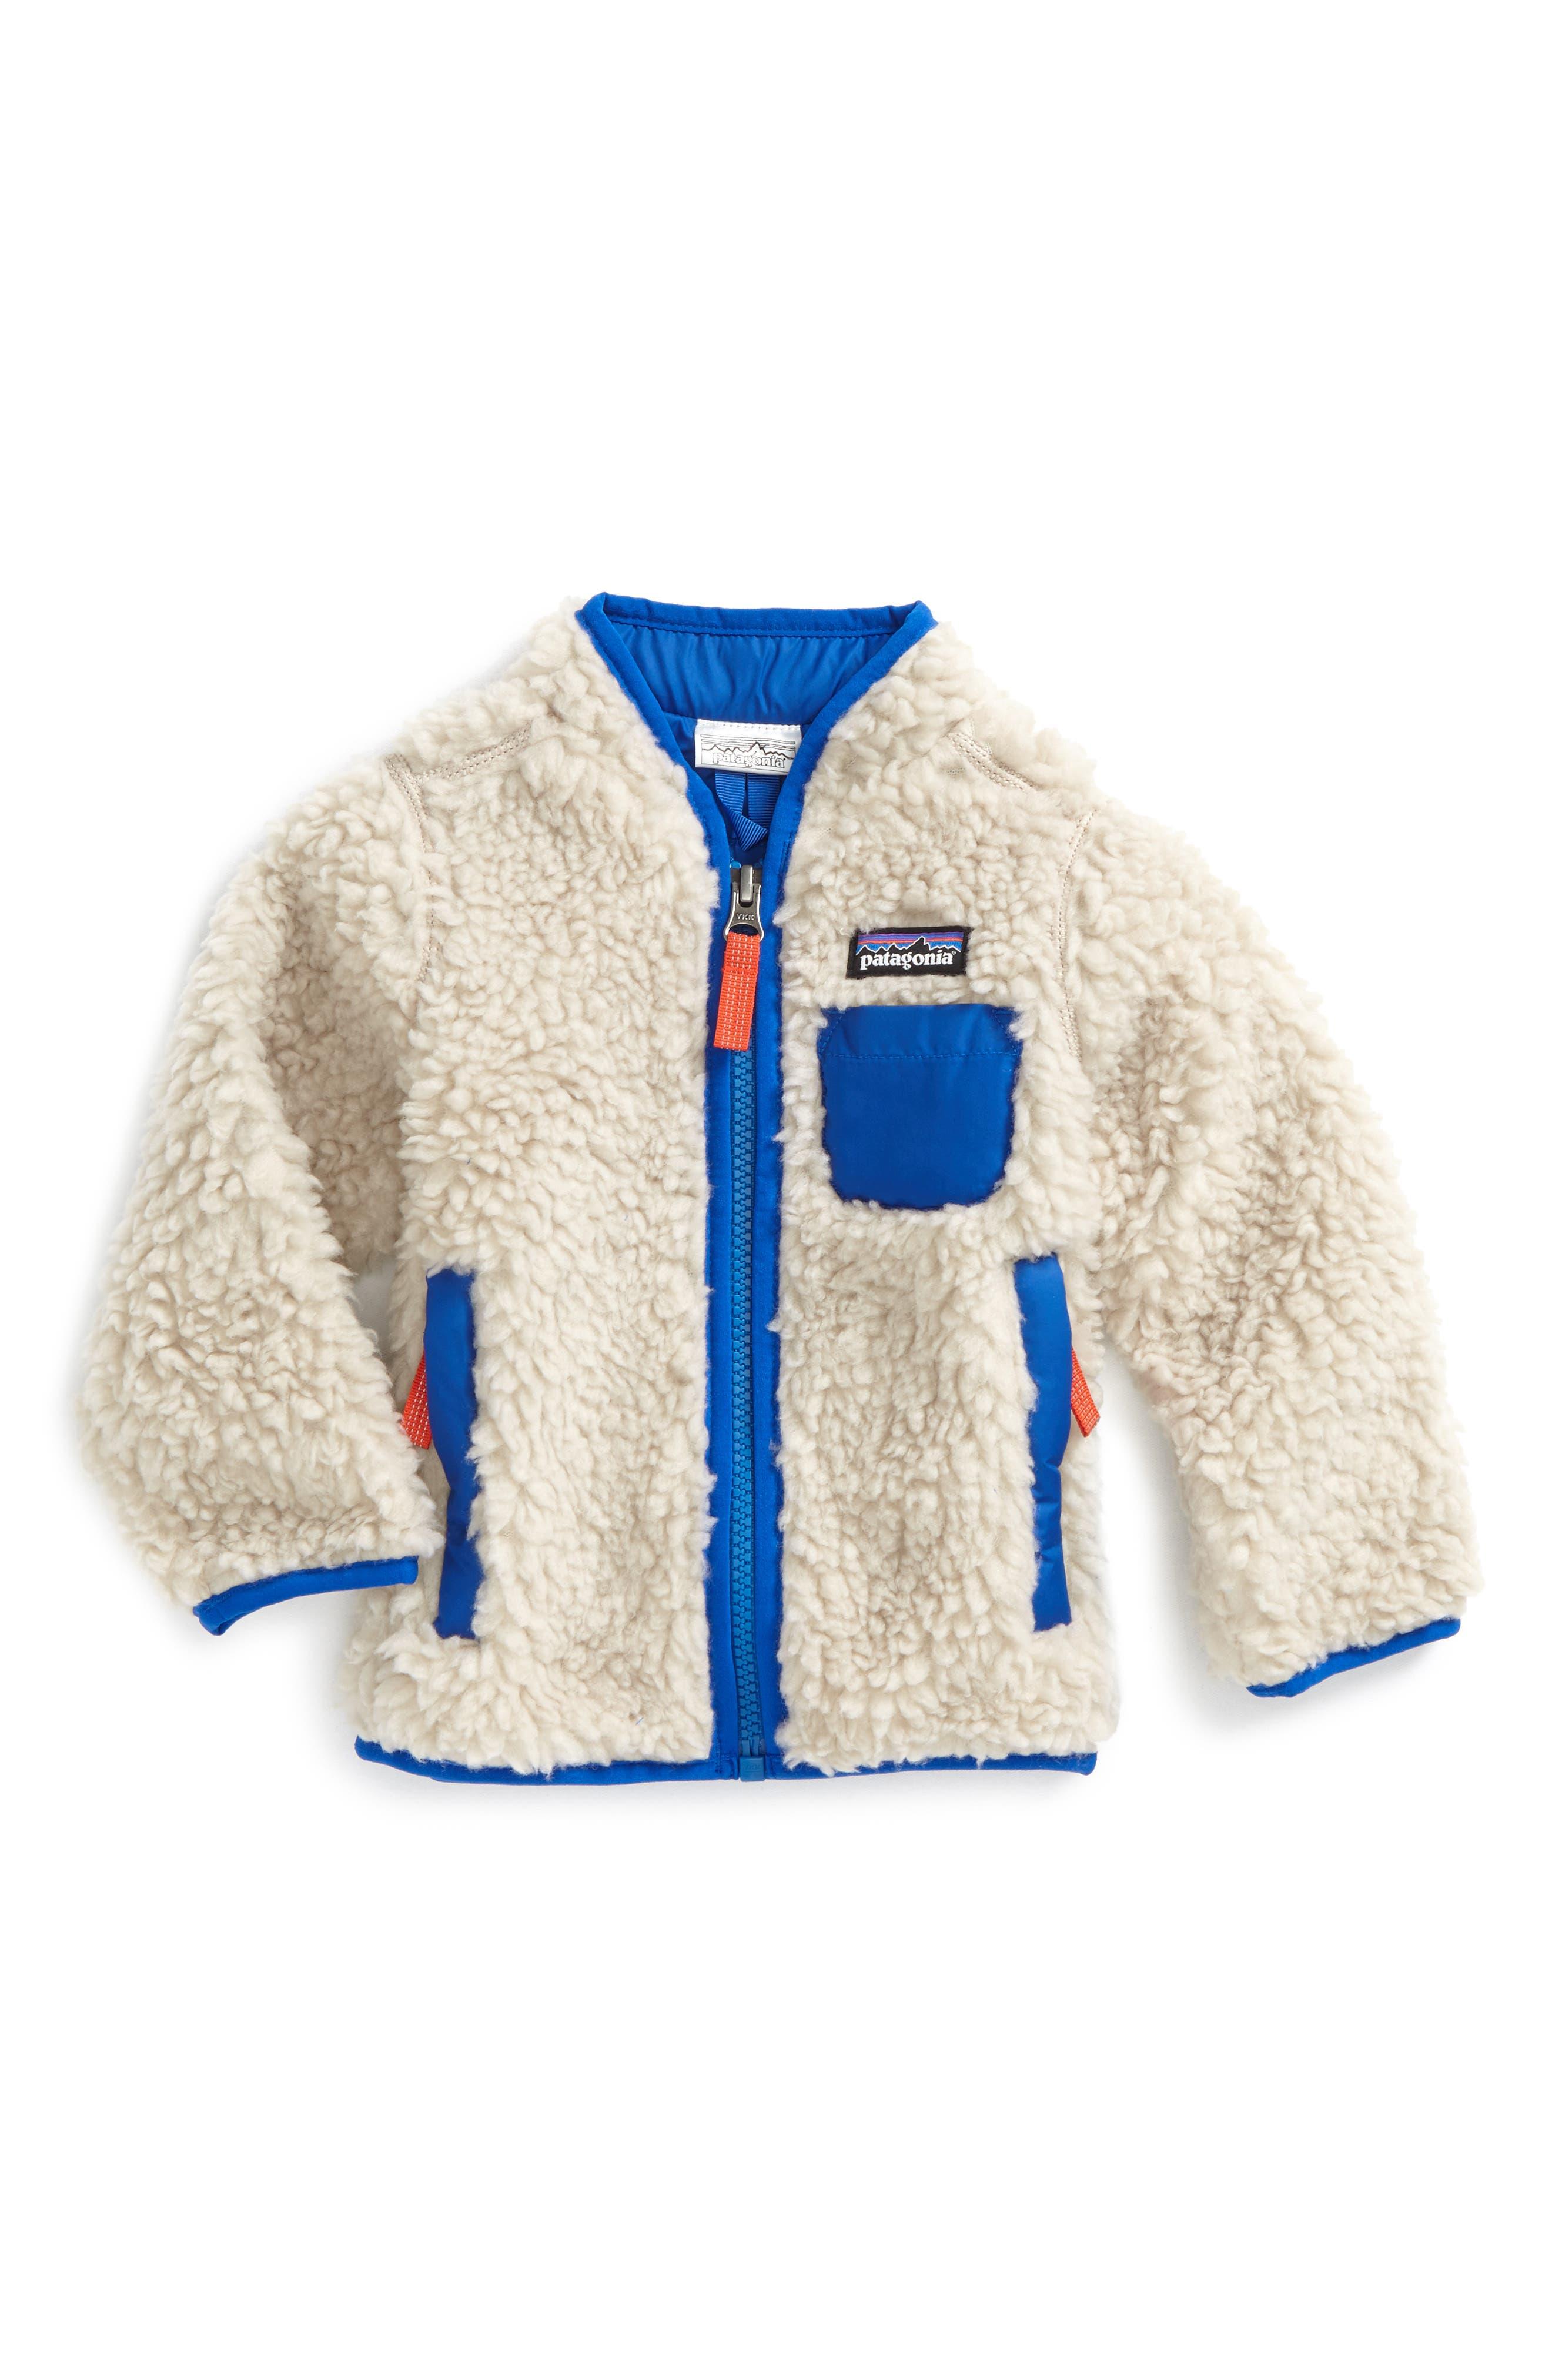 Retro-X Windproof Jacket,                             Main thumbnail 1, color,                             Natural/ Viking Blue